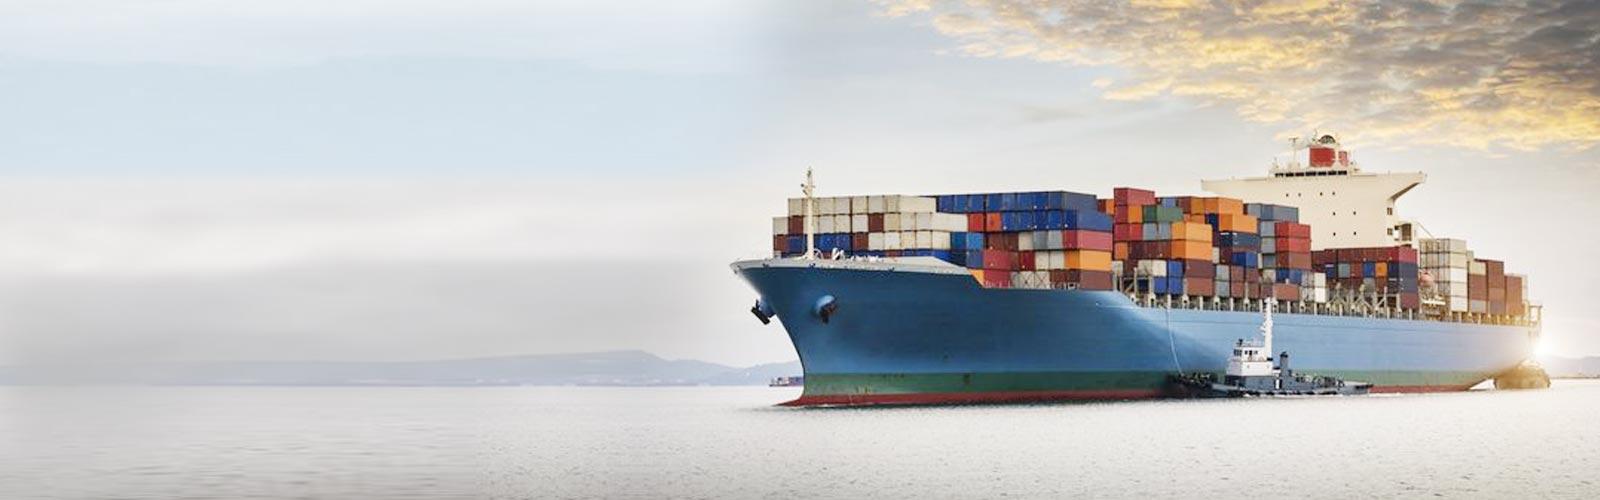 Make bulk handling<br/> more profitable